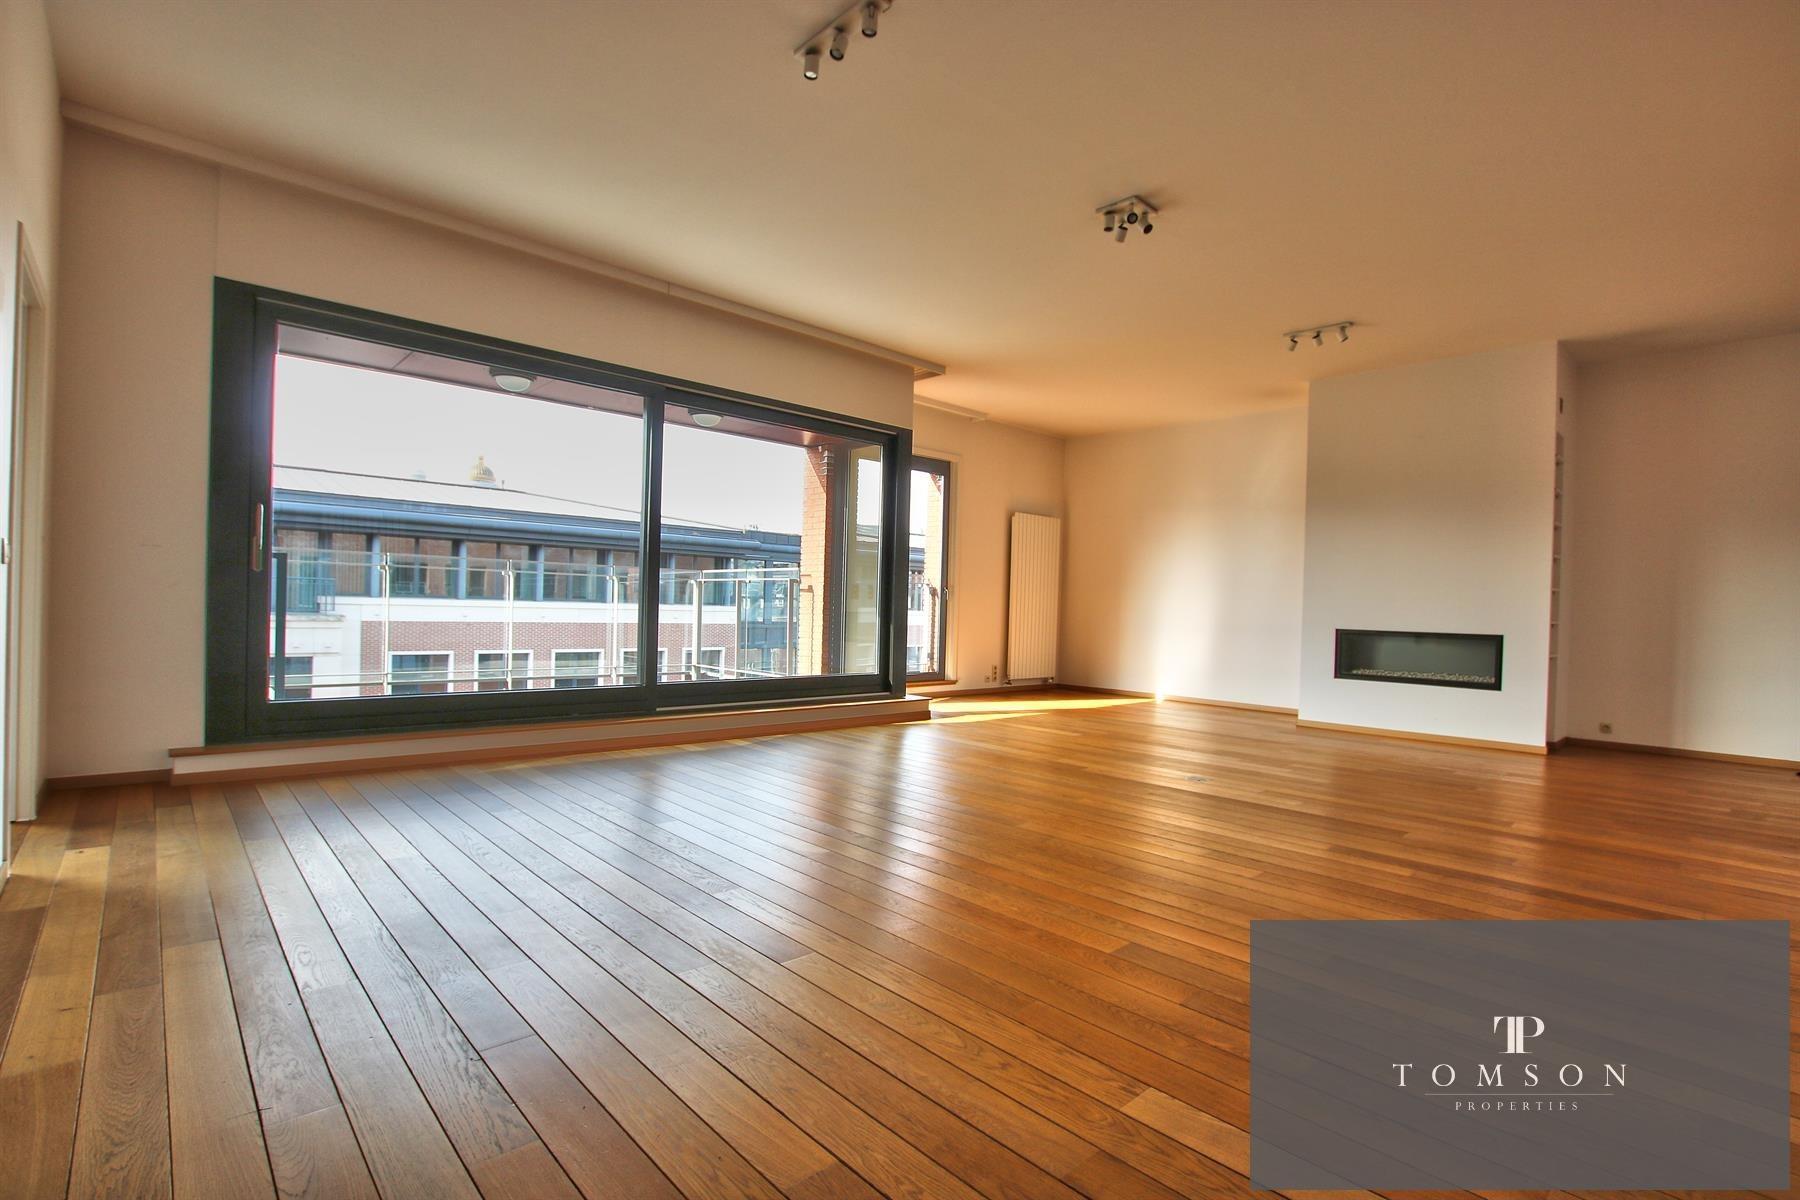 Appartement exceptionnel - Bruxelles - #4420866-8